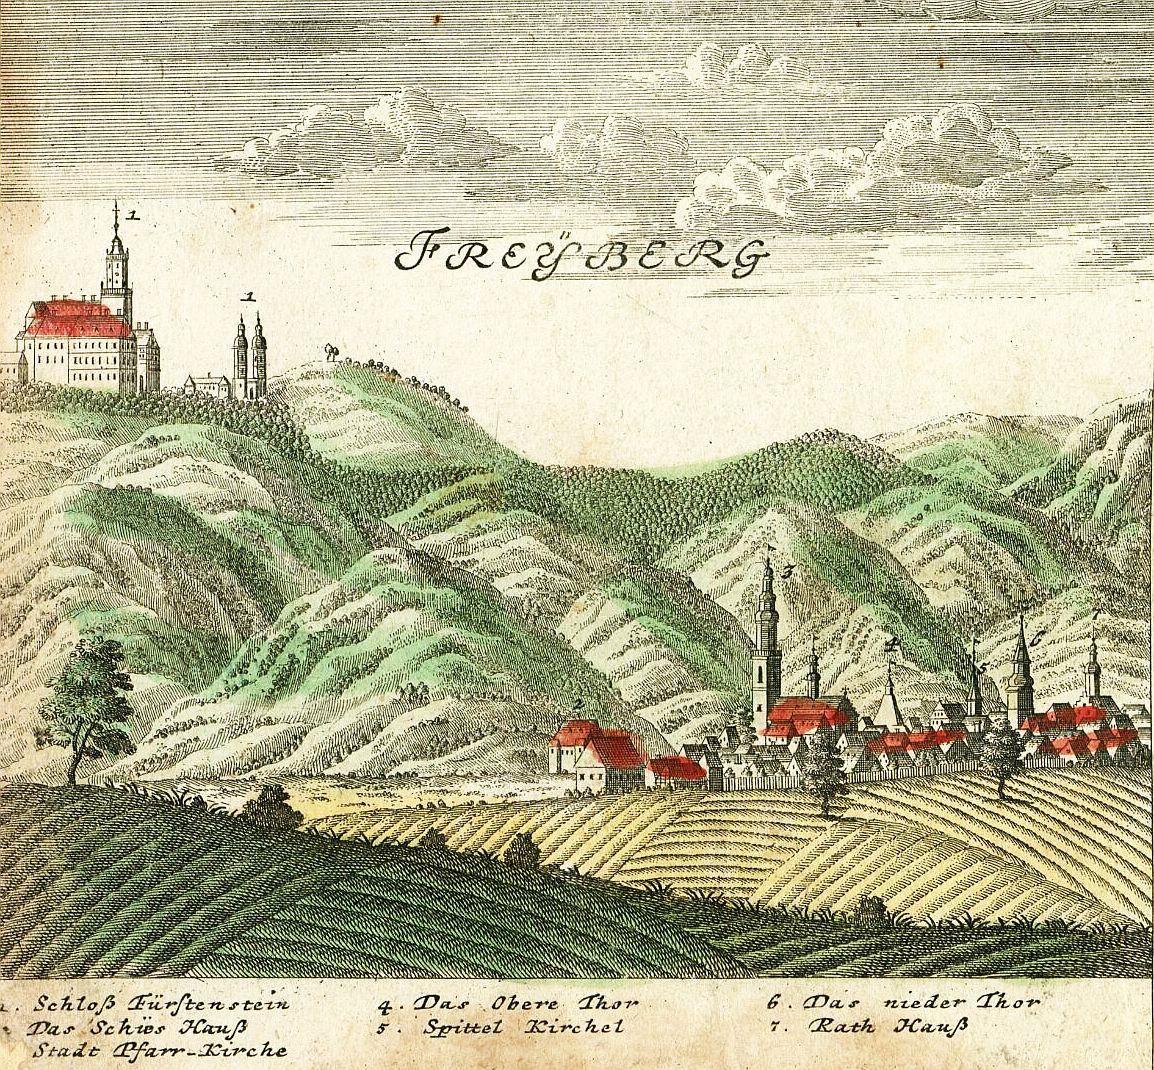 File:Świebodzice 1738.jpg - Wikimedia Commons